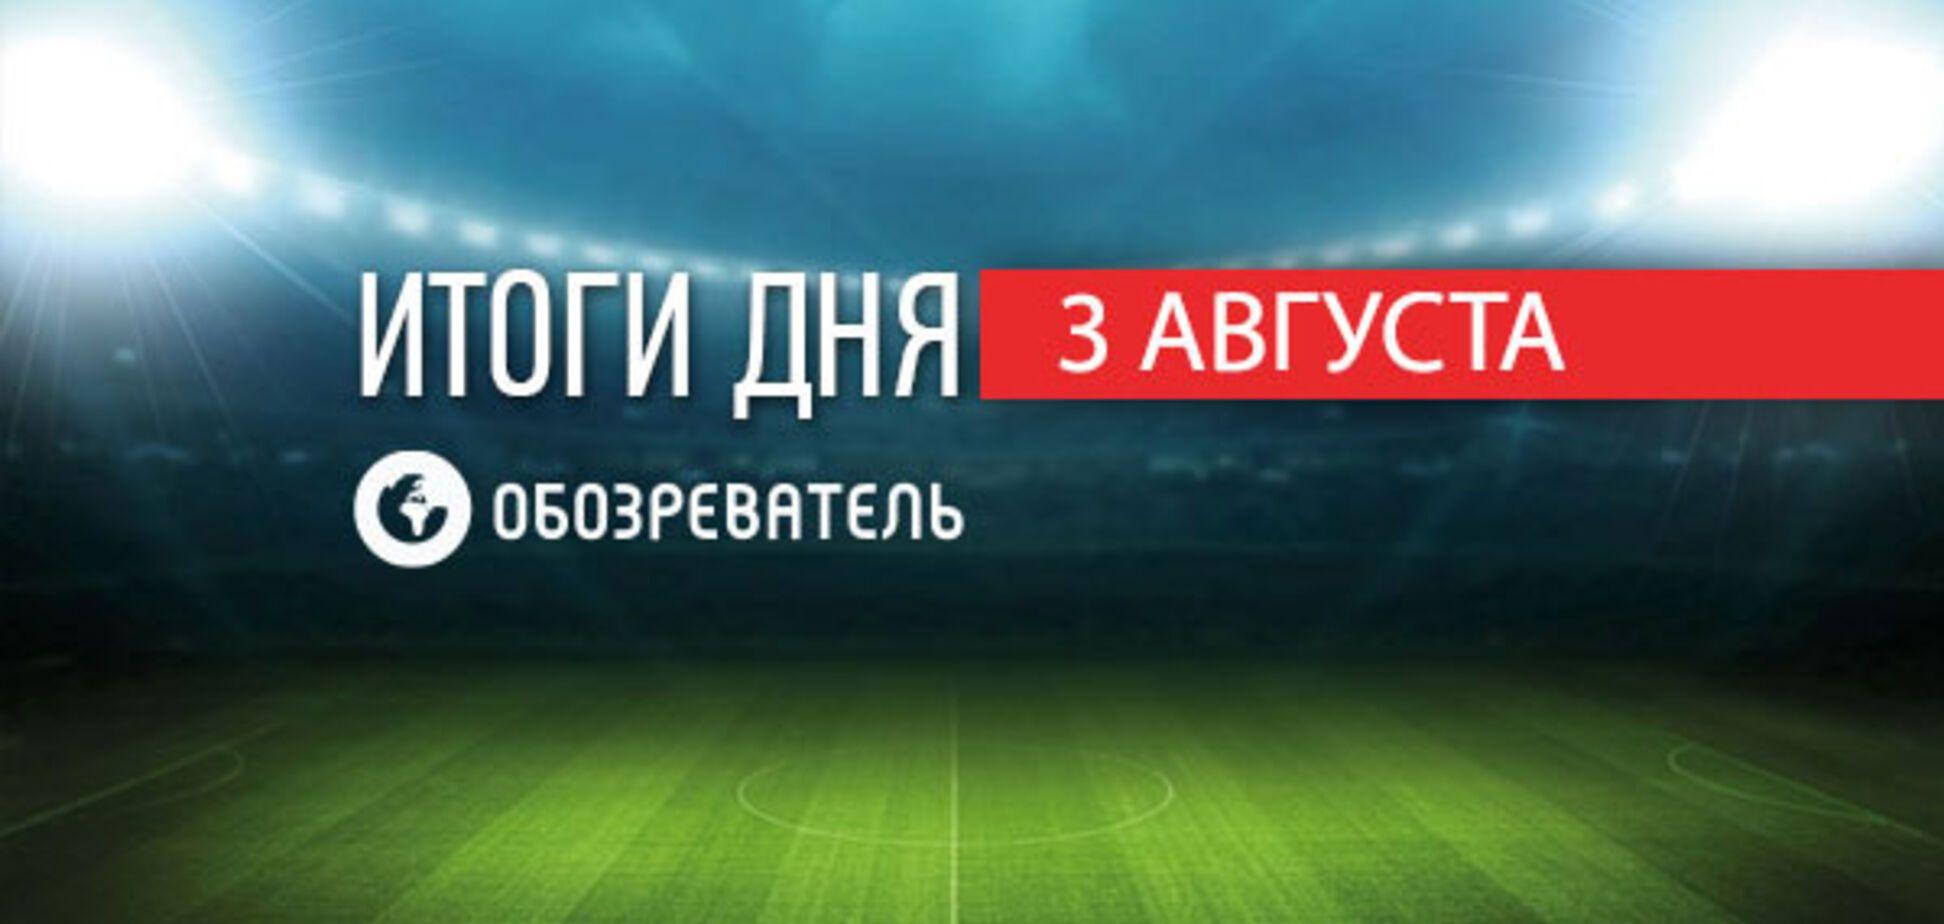 Ломаченко рассказал о драке с Усиком: спортивные итоги 3 августа